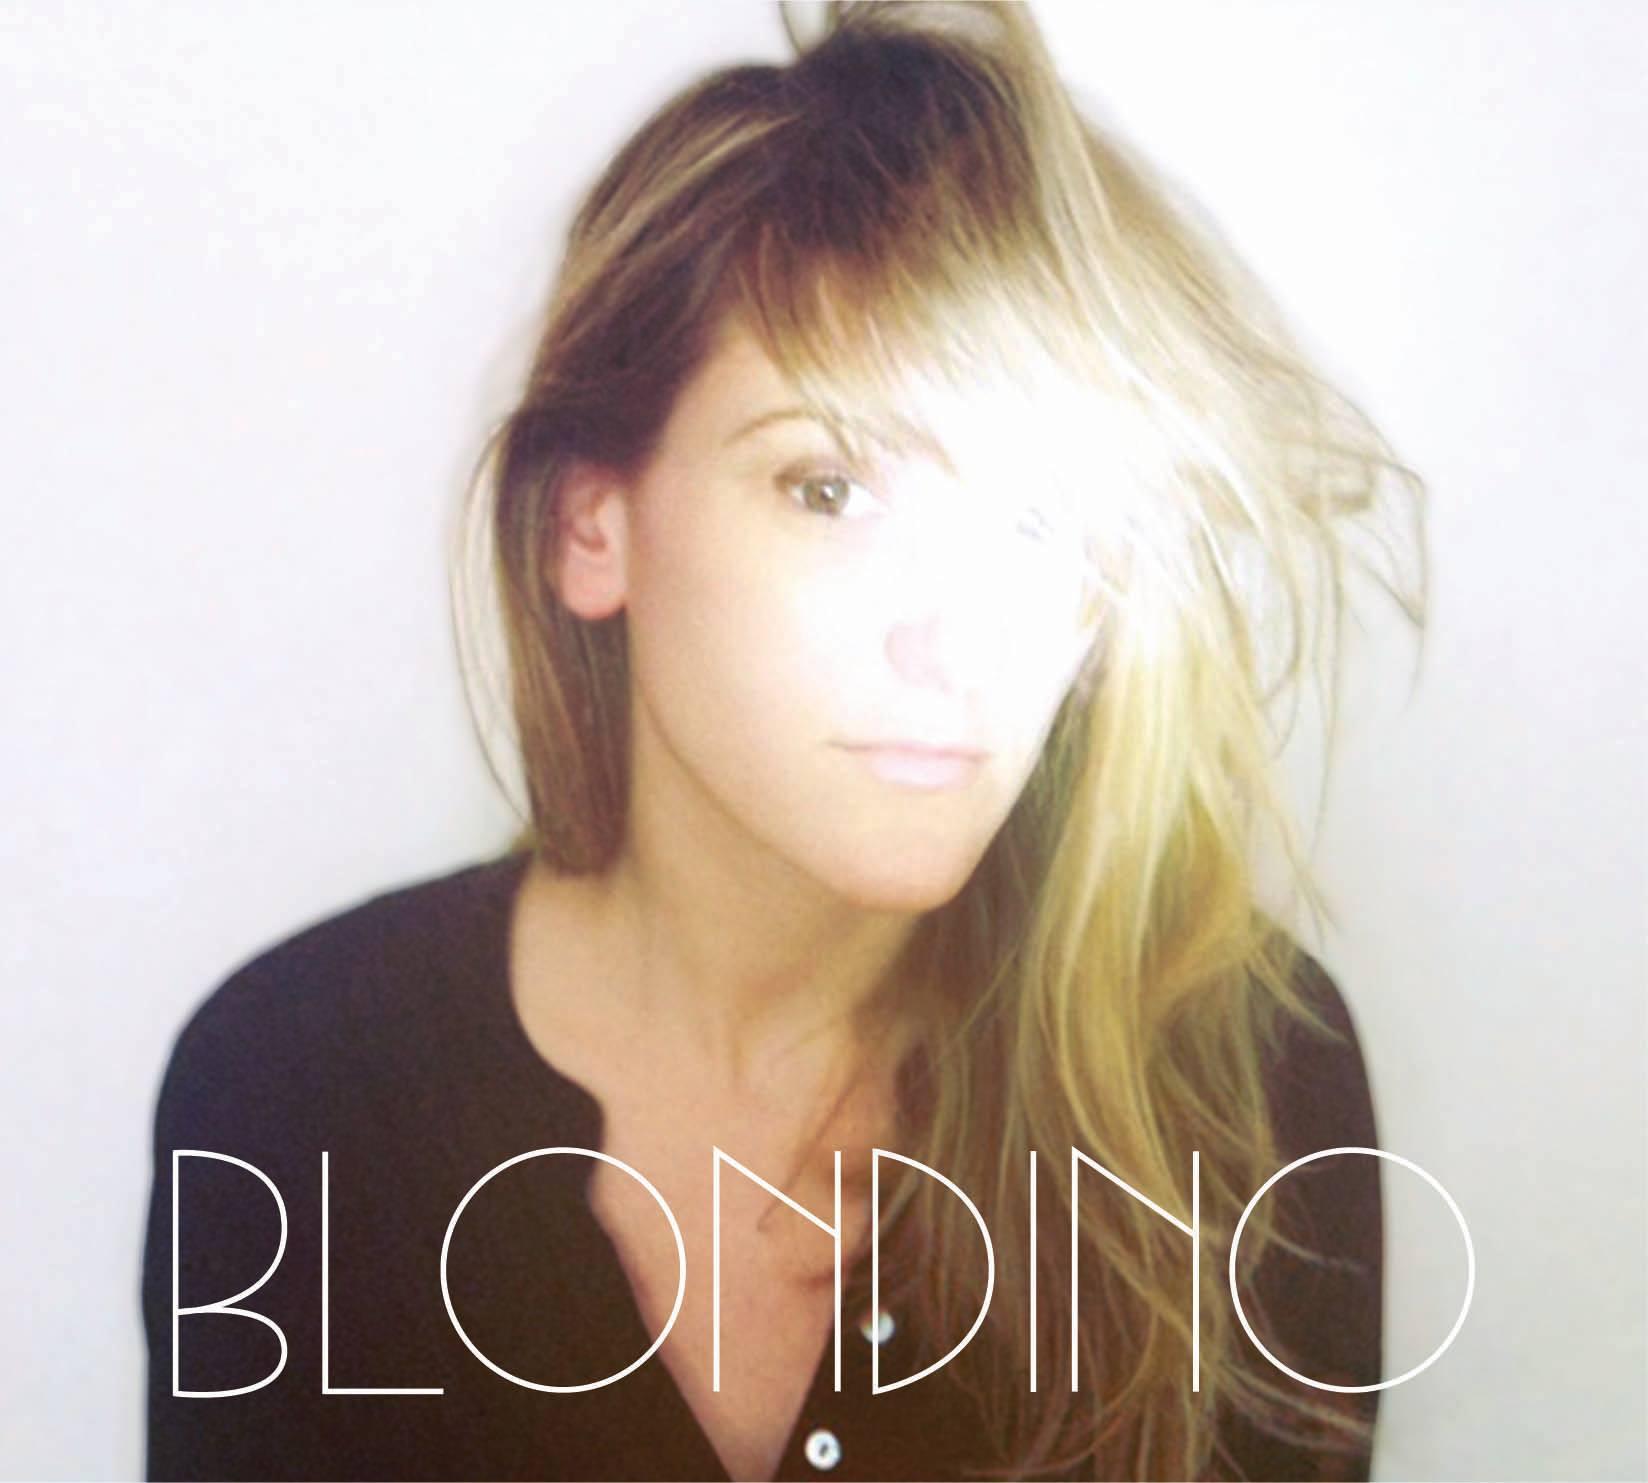 blondino, l'amour n'est-il